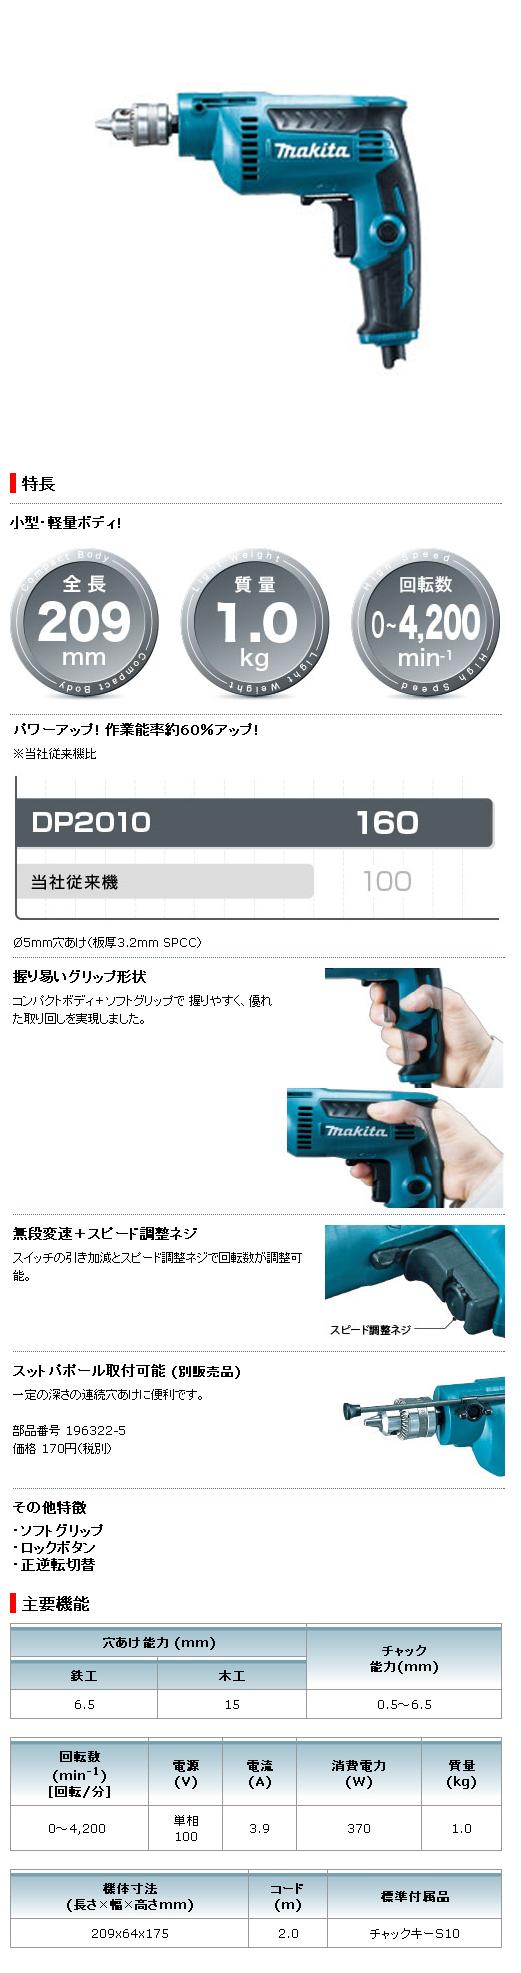 マキタ 6.5mm 高速ドリル DP2010